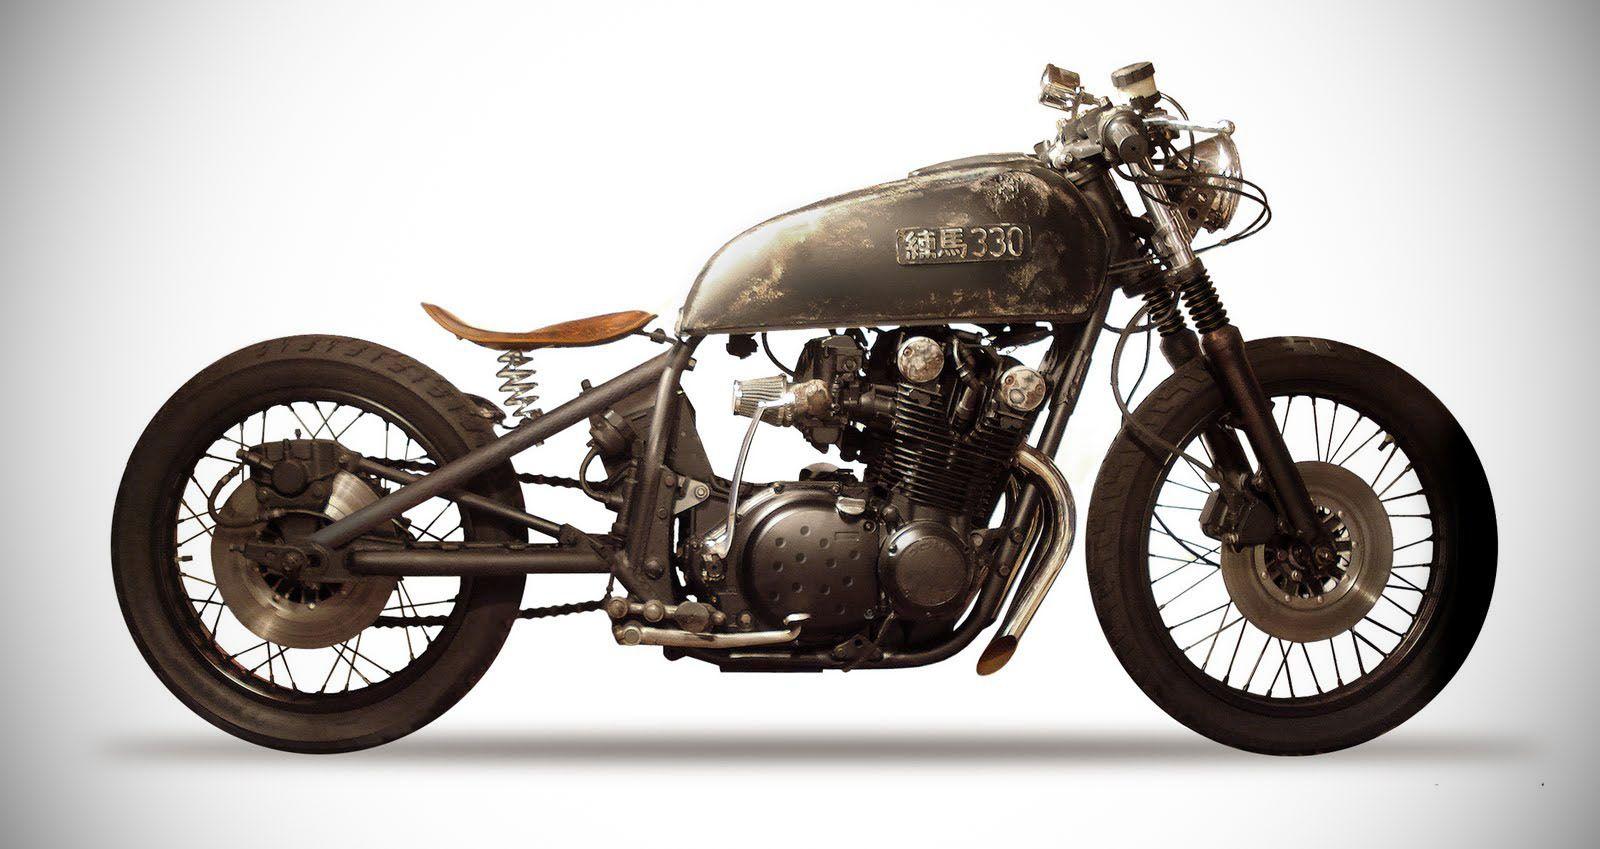 Free The Wheels Inspiration Suzuki Gs550 Suzuki Suzuki Cafe Racer Bobber Motorcycle [ 849 x 1600 Pixel ]